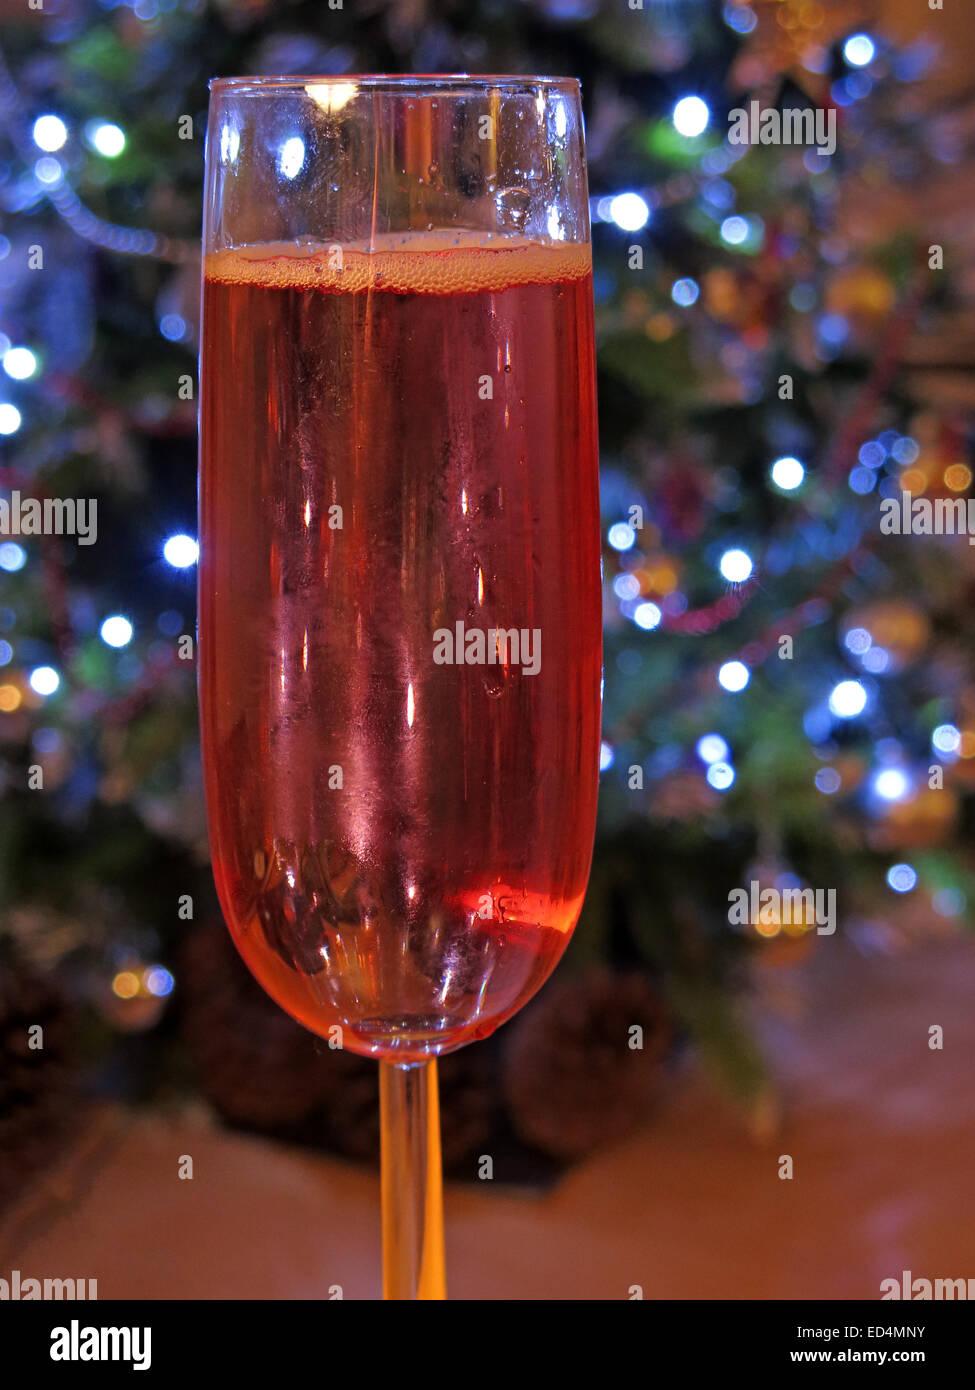 Laden Sie dieses Alamy Stockfoto Gefahren des festlichen Trinkglas, ein mehr von Roséwein zu Weihnachten, vor Baum von Dekorationen - volles Glas fizz - ED4MNY